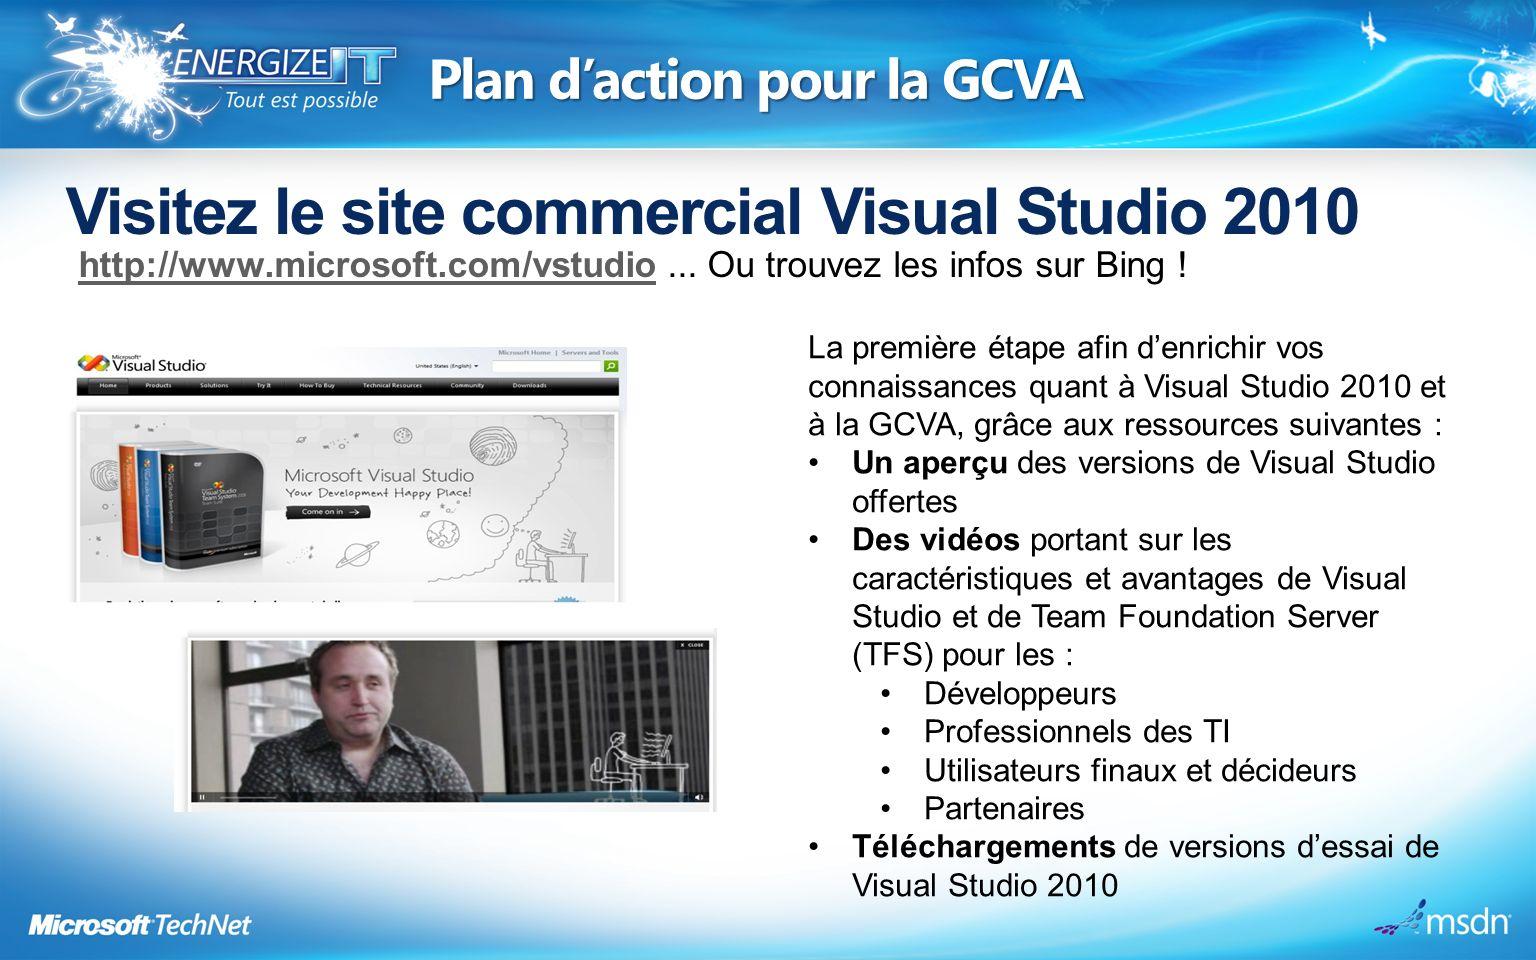 Visitez le site commercial Visual Studio 2010 http://www.microsoft.com/vstudiohttp://www.microsoft.com/vstudio...